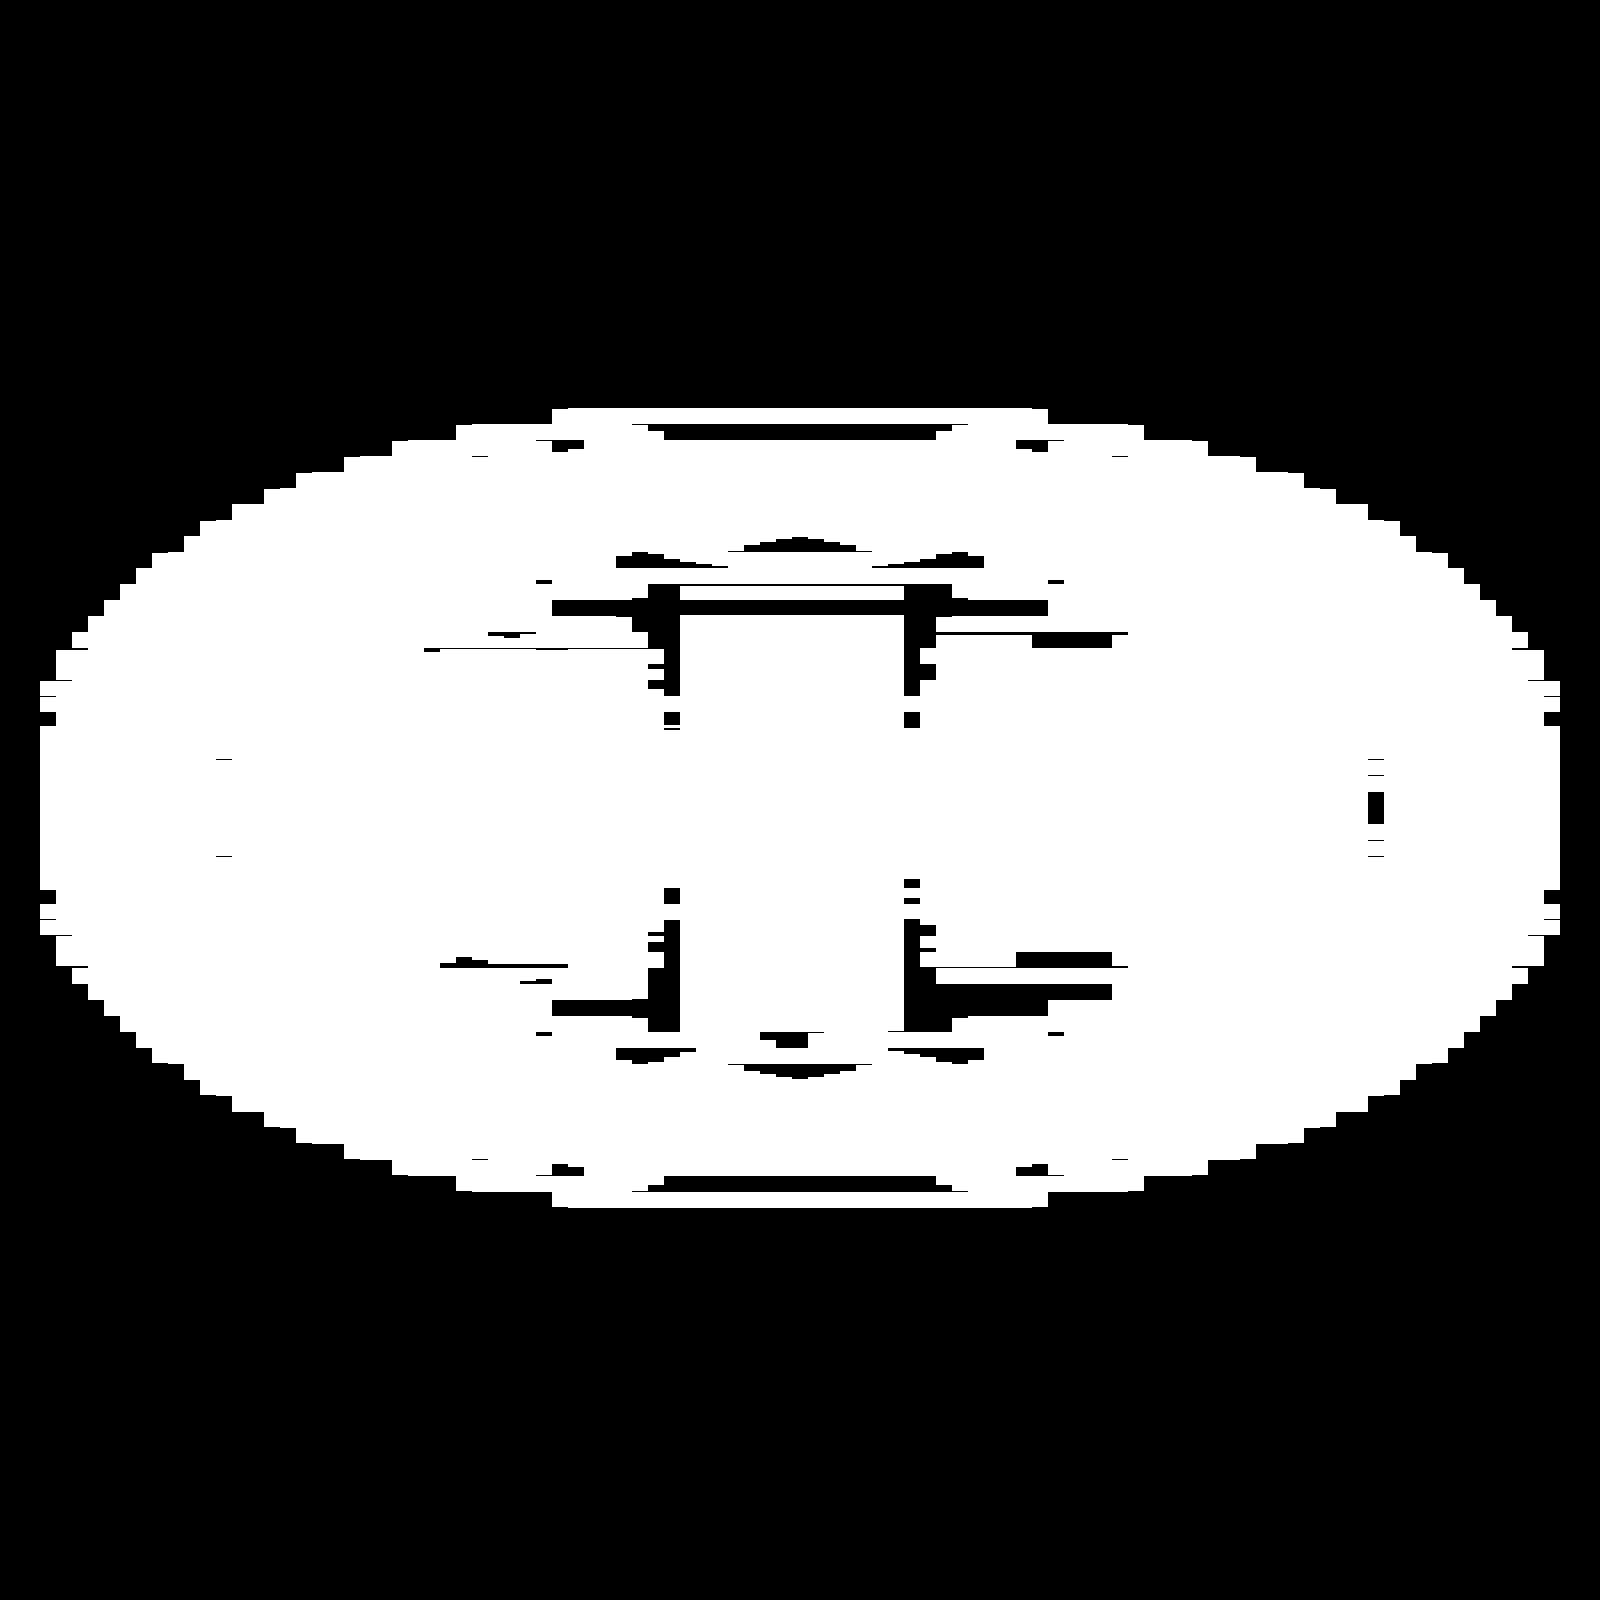 grafika – symbol oznaczający swobodną regulację